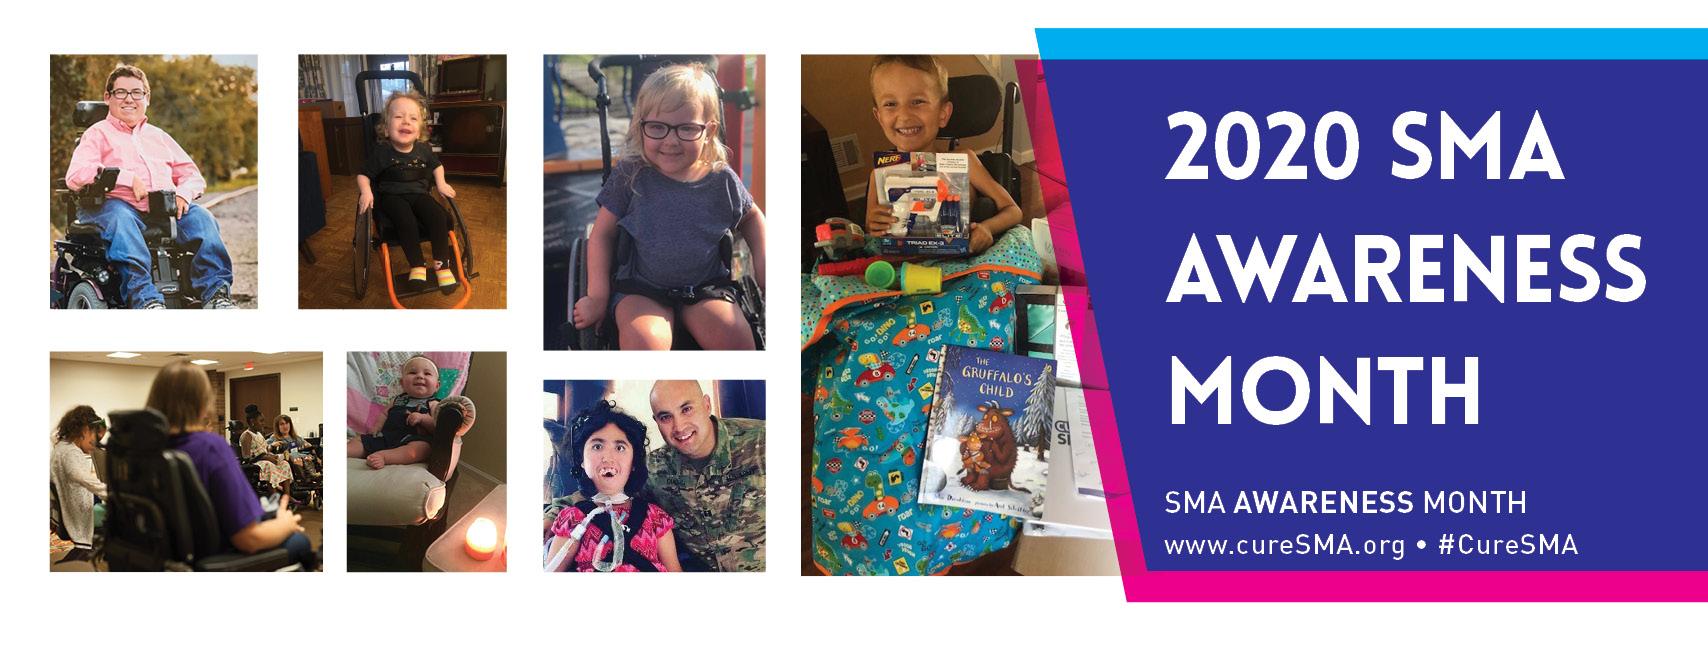 2020_Awareness-Month_Facebook_cover.jpg